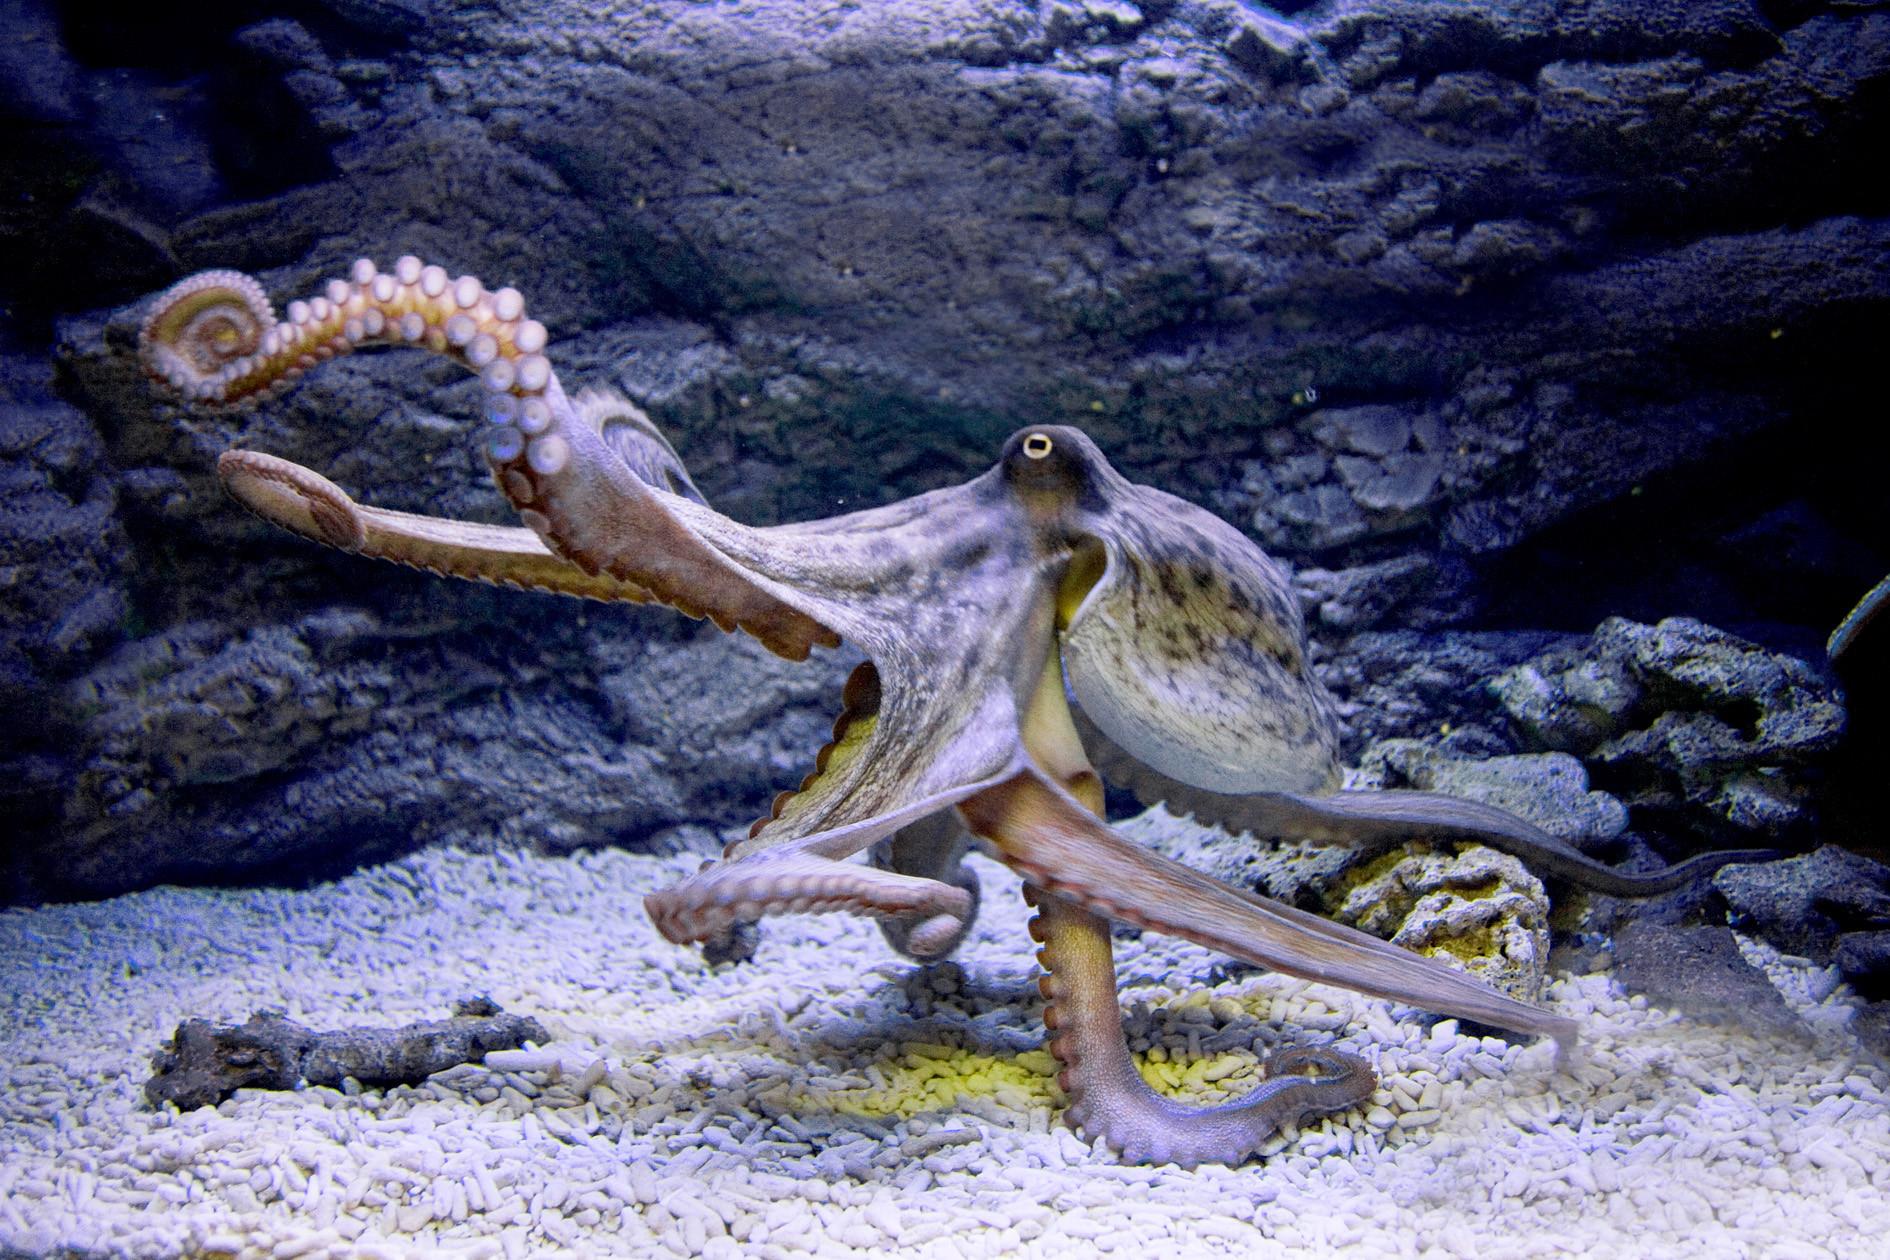 Осьминого в аквариуме